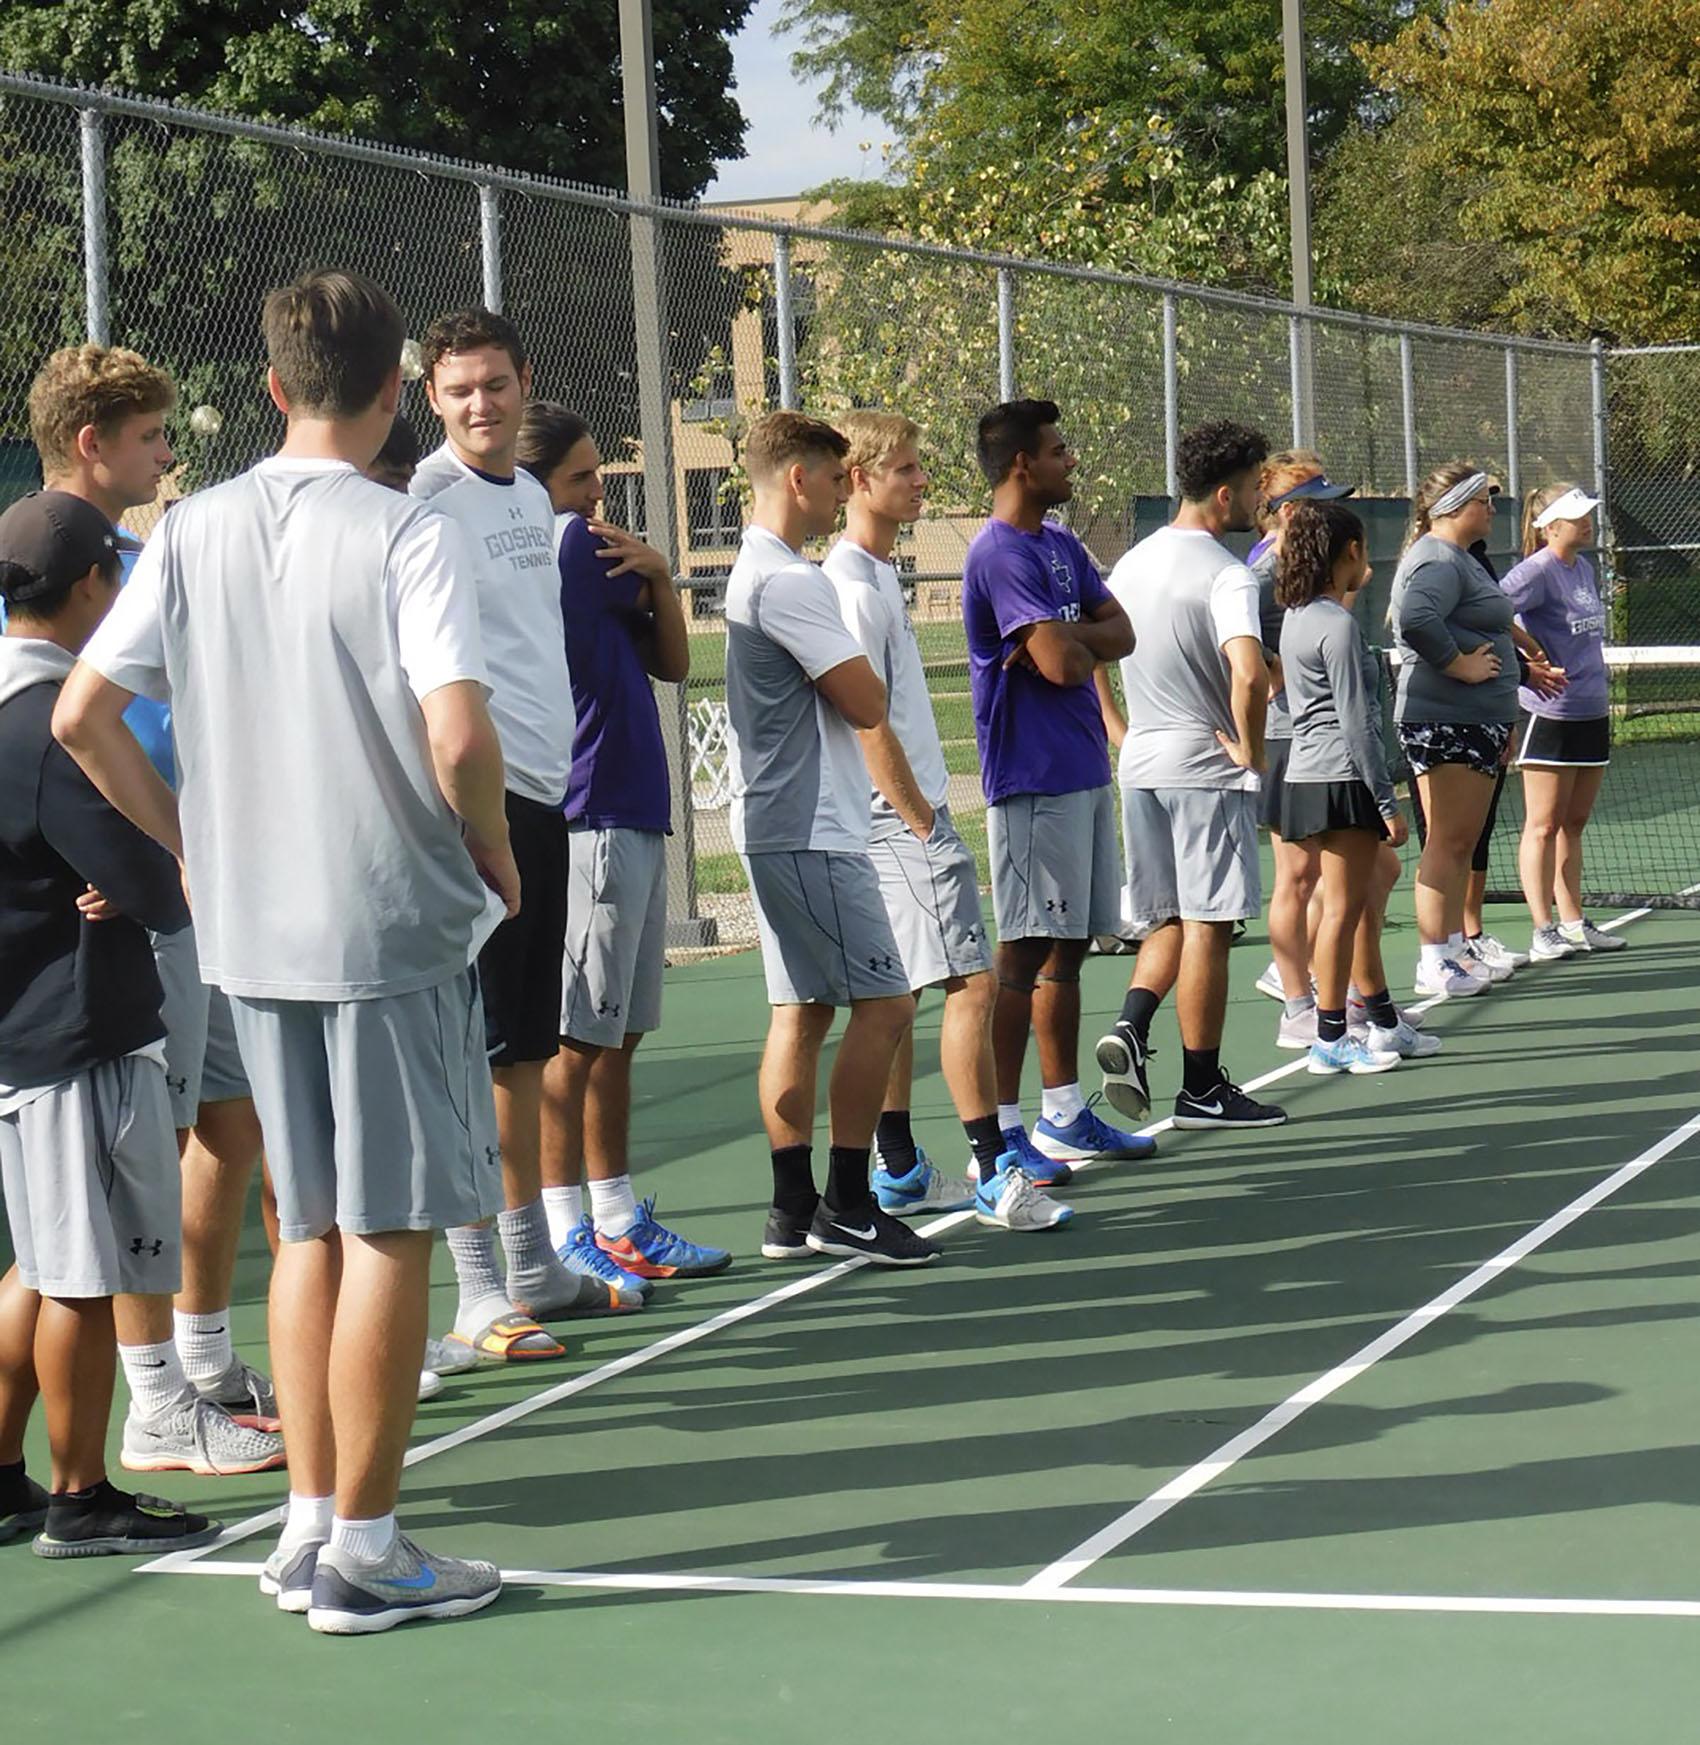 Tennis team in a line